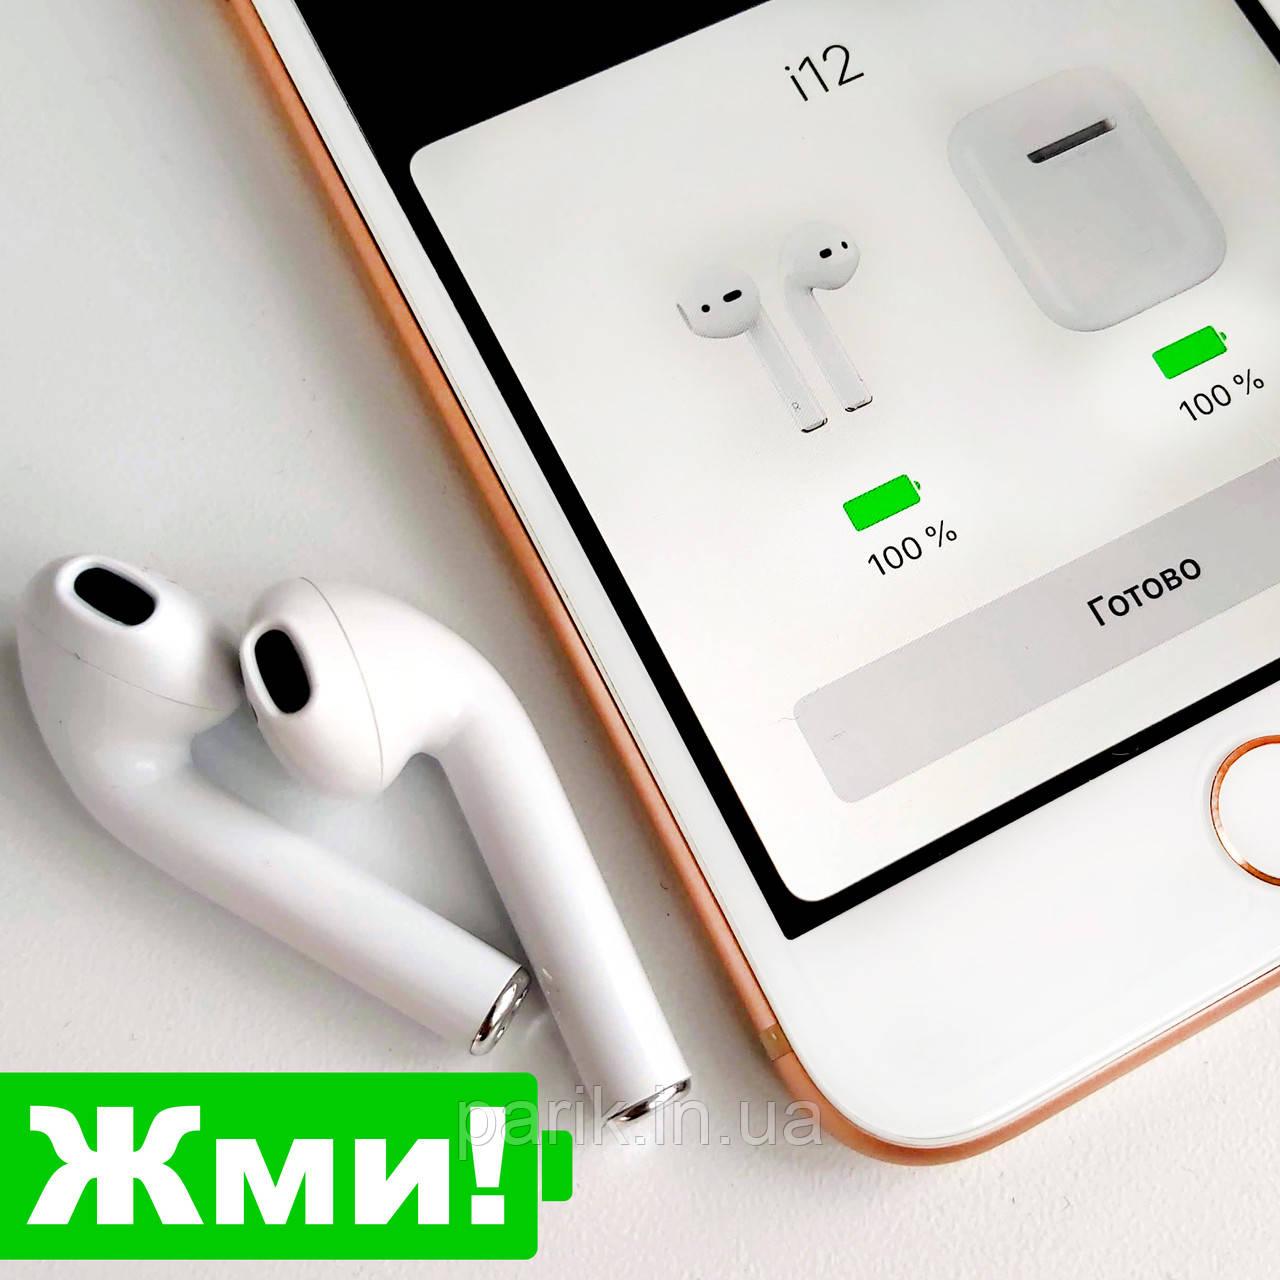 🎧Беспроводные Наушники для Apple iPhone Android Bluetooth 5.0 TWS i12